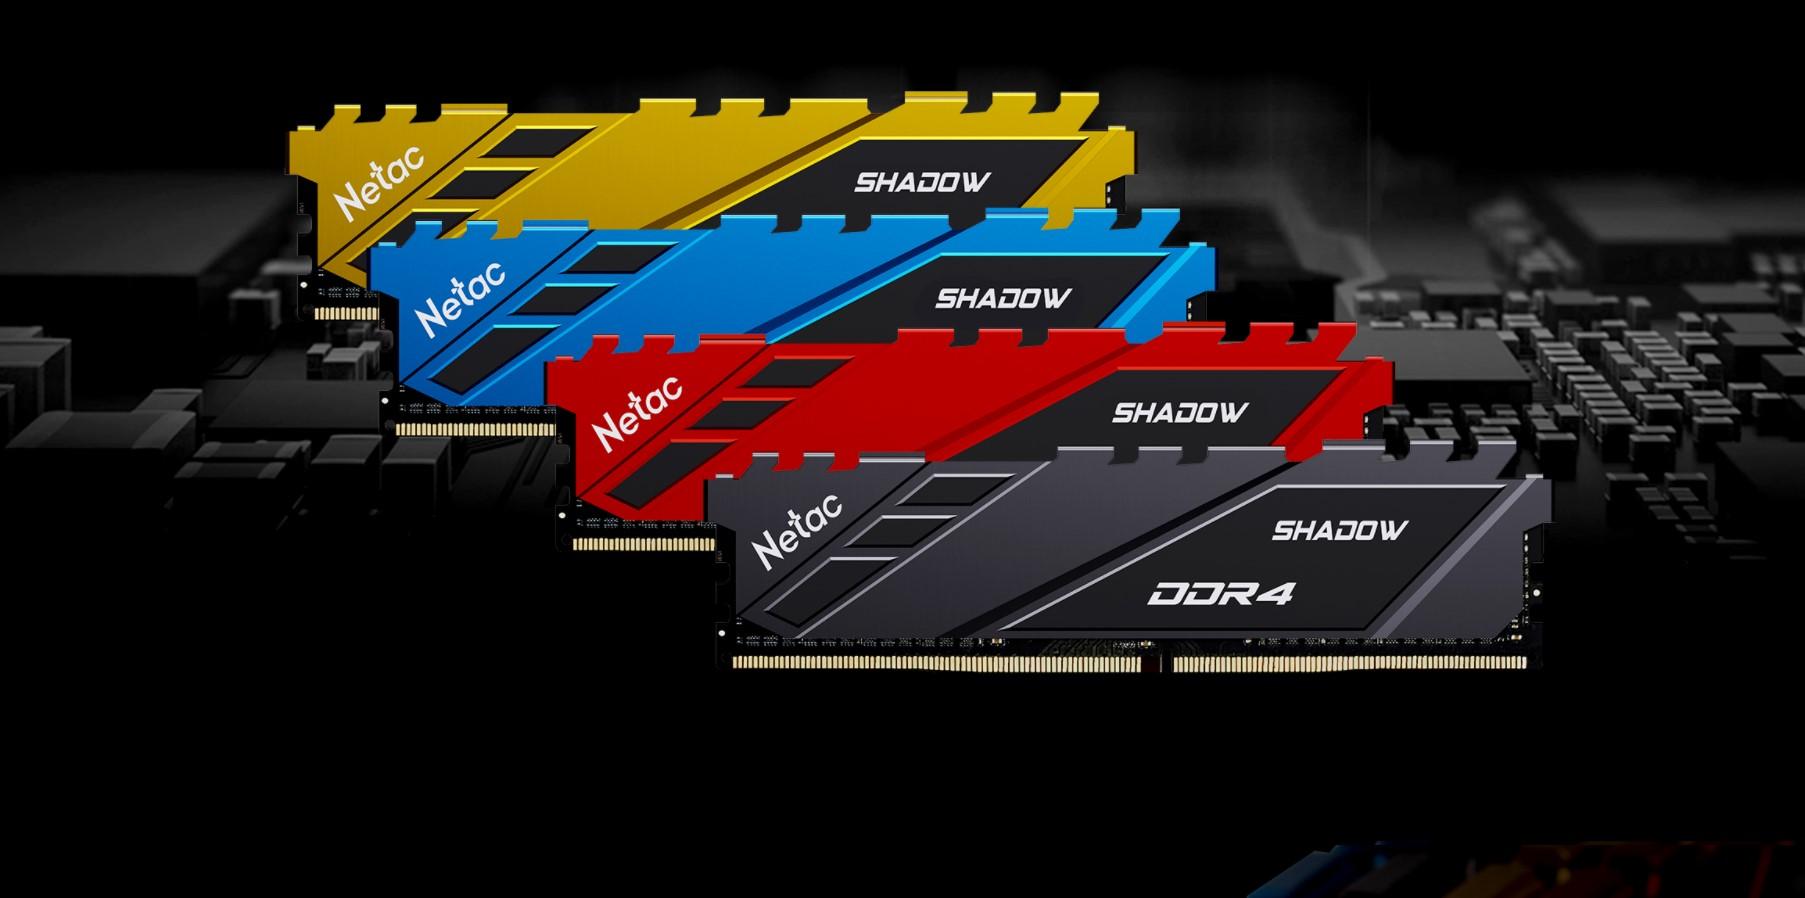 Pamięć DDR5 przekroczy taktowanie 10000 MHz? To nic nieprawdopodobnego